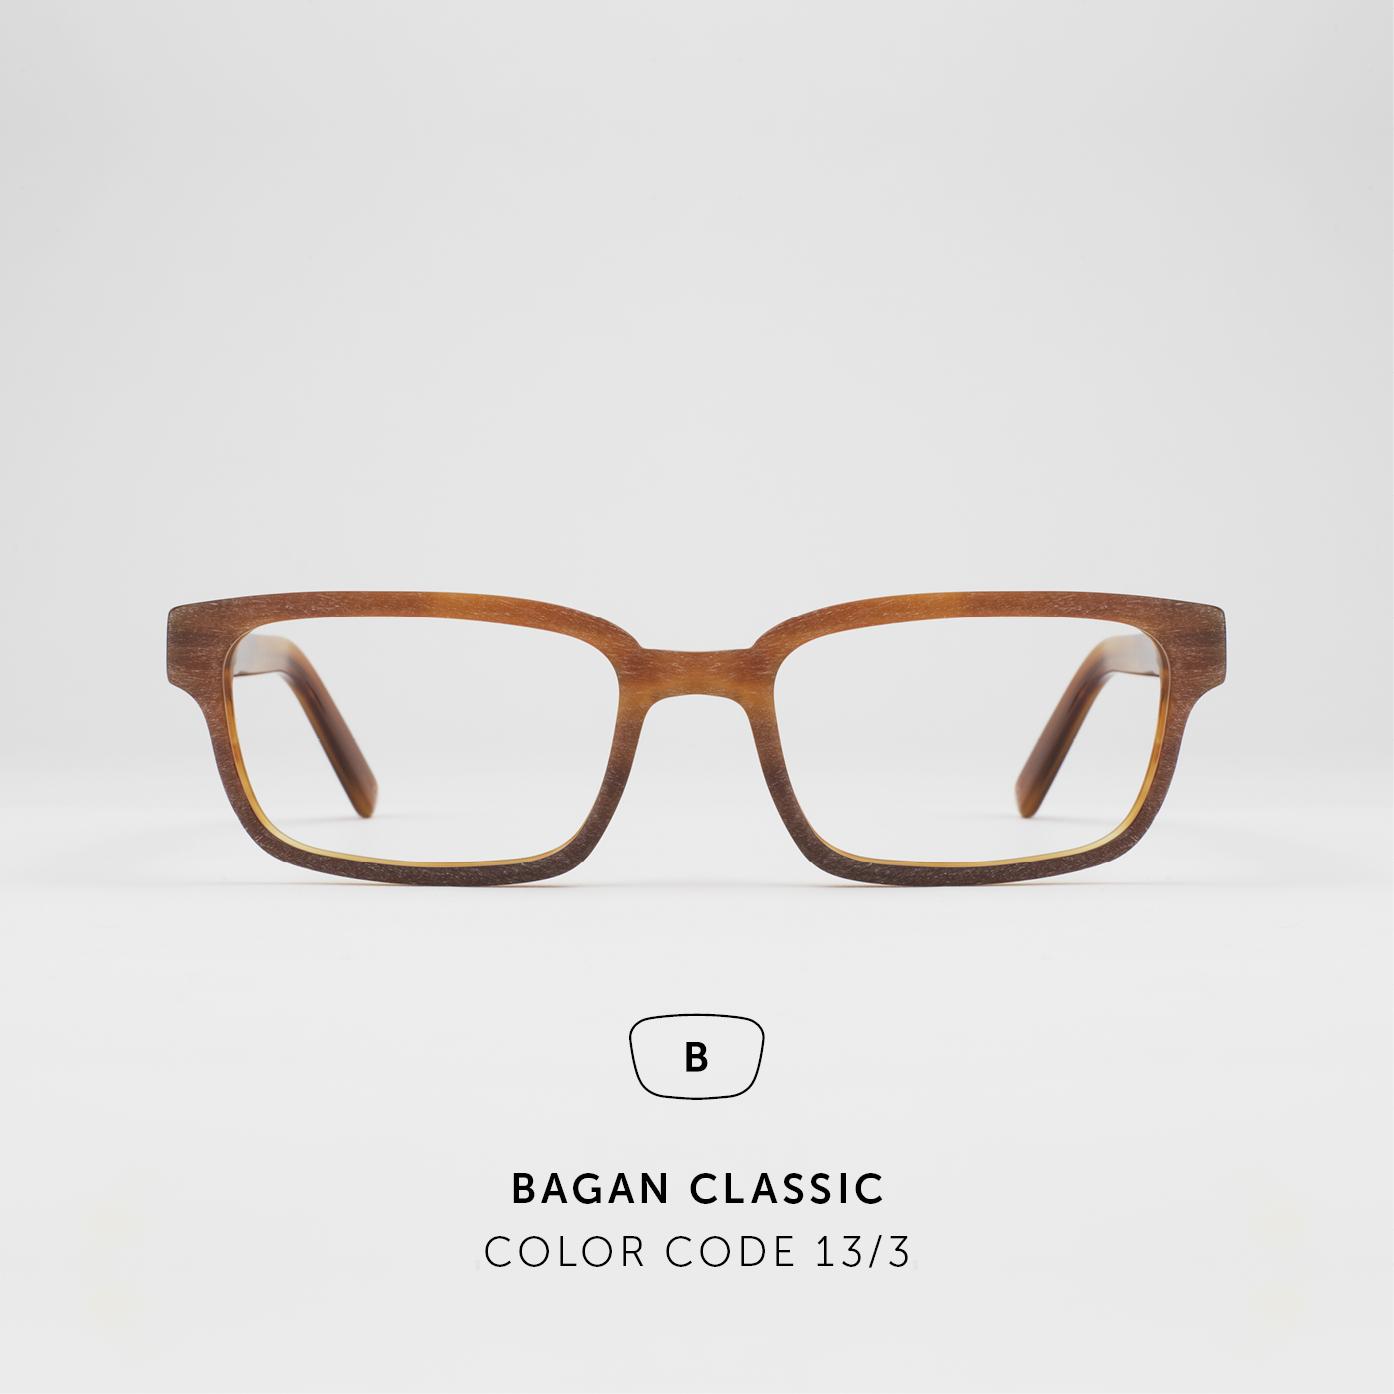 BaganClassic41.jpg